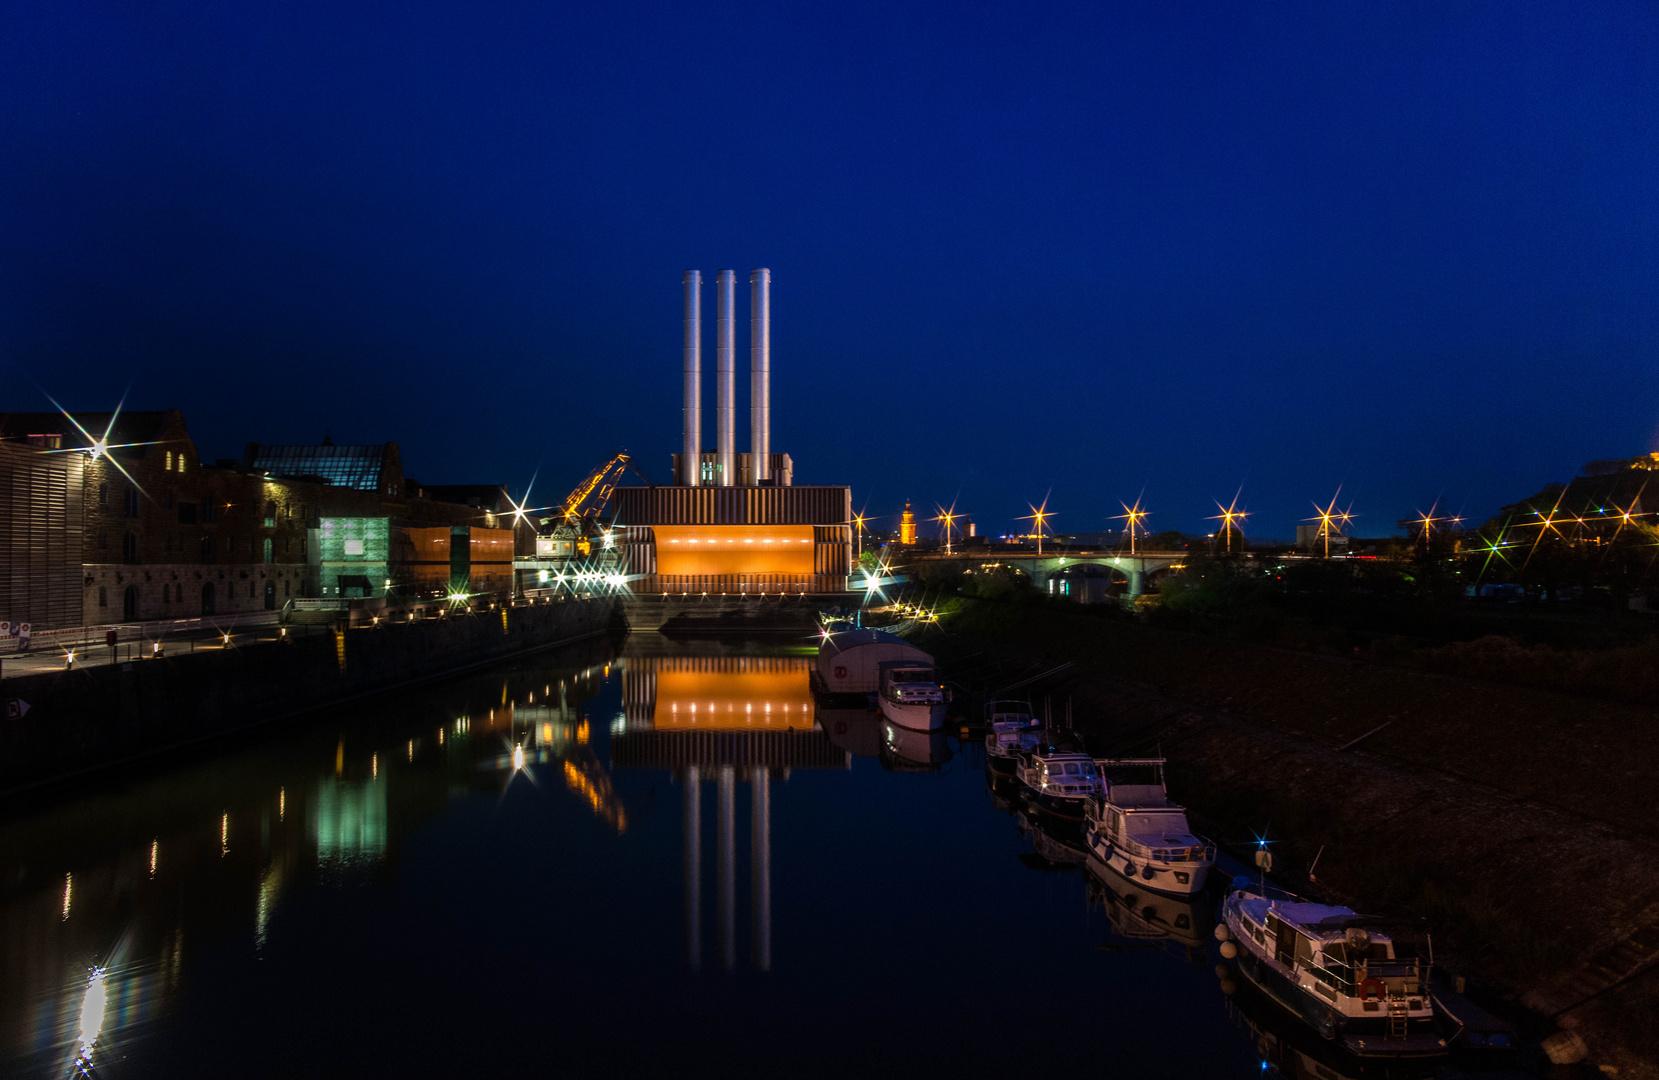 Der Blick aus dem Hotelzimmer - alter Hafen Würzburg